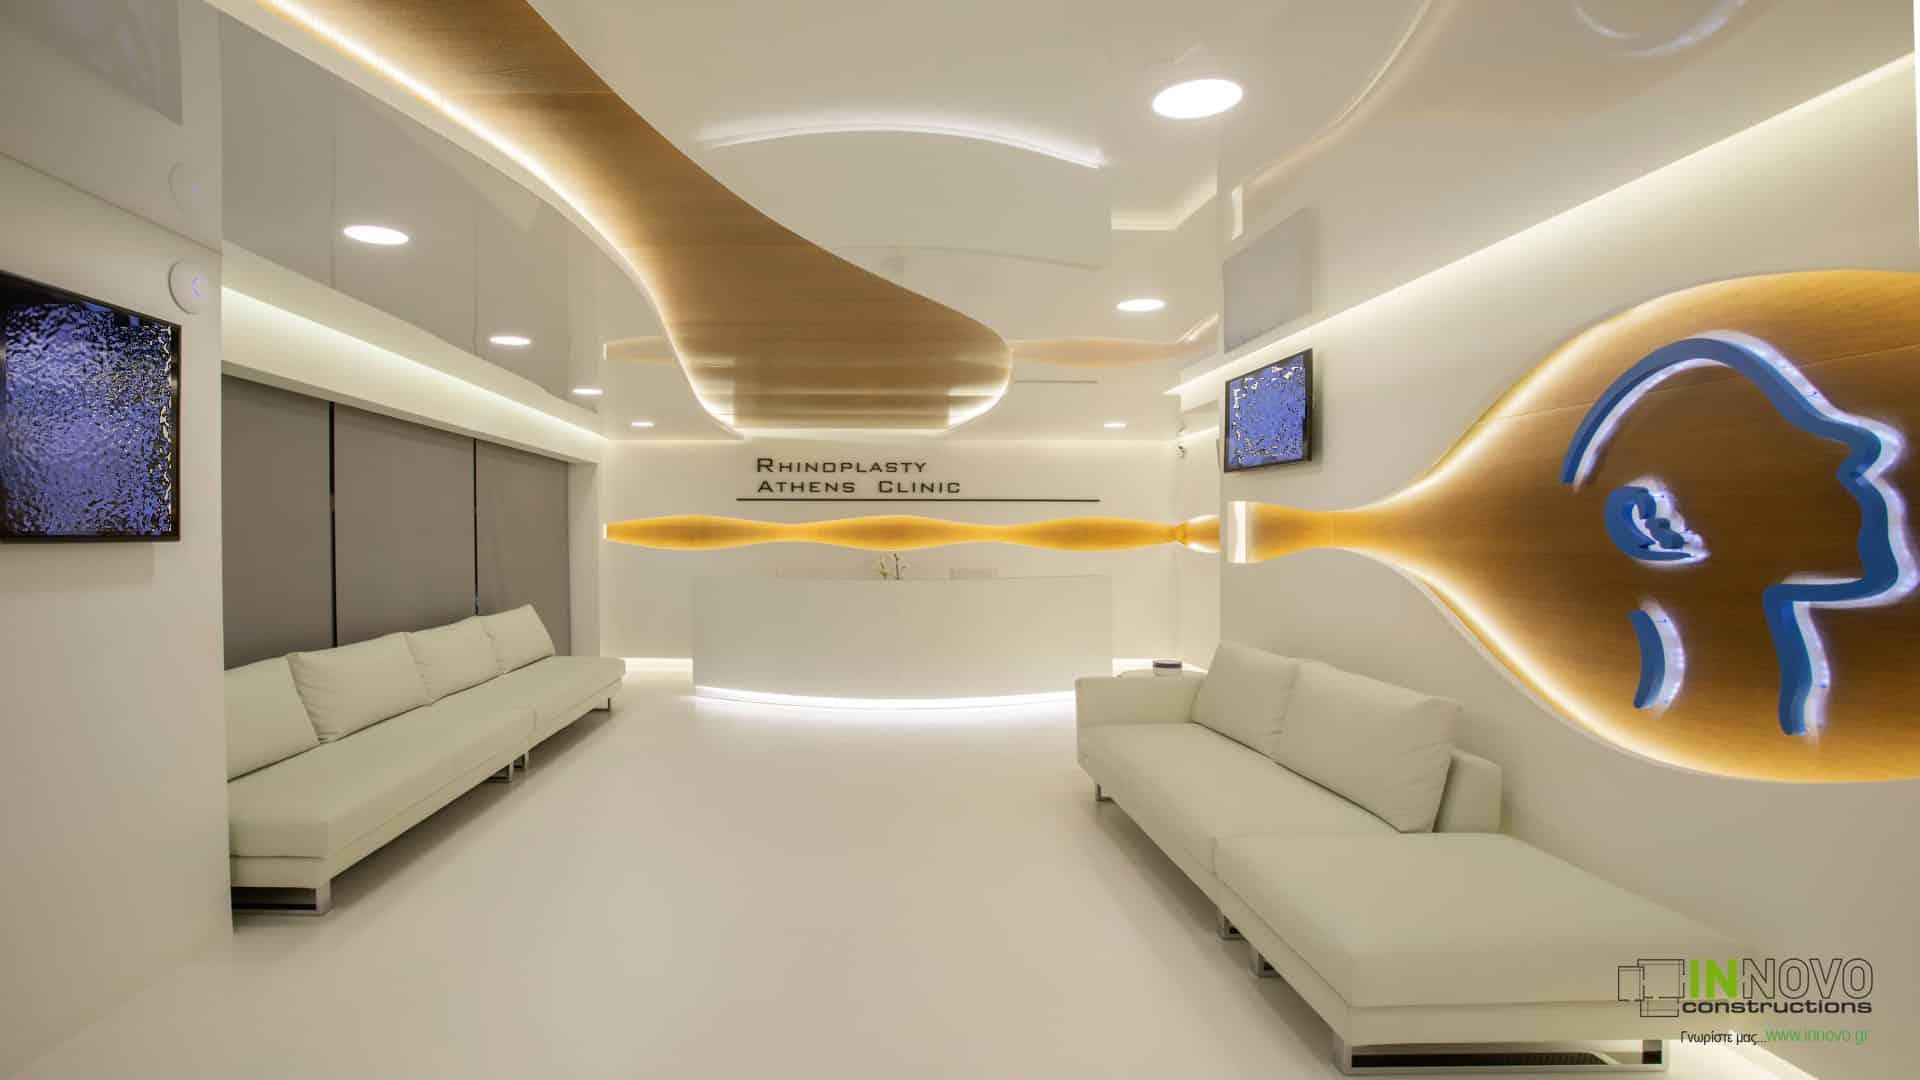 2607-κατασκευη-ωρλ-παλληνh-otolaryngologist-clinic-construstion-7-1